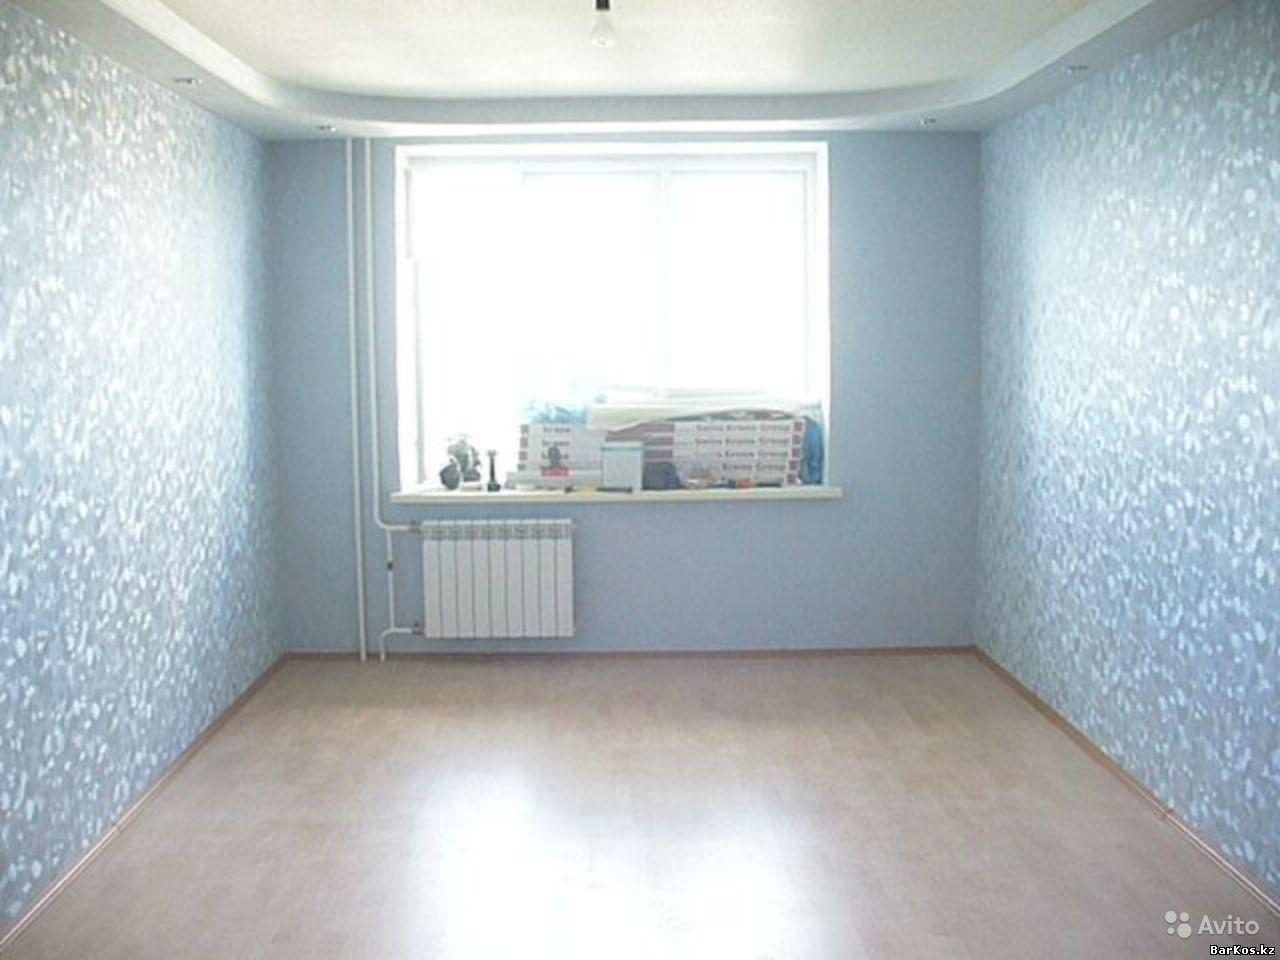 Фотография работы: ремонт 2-х комнатной квартиры.